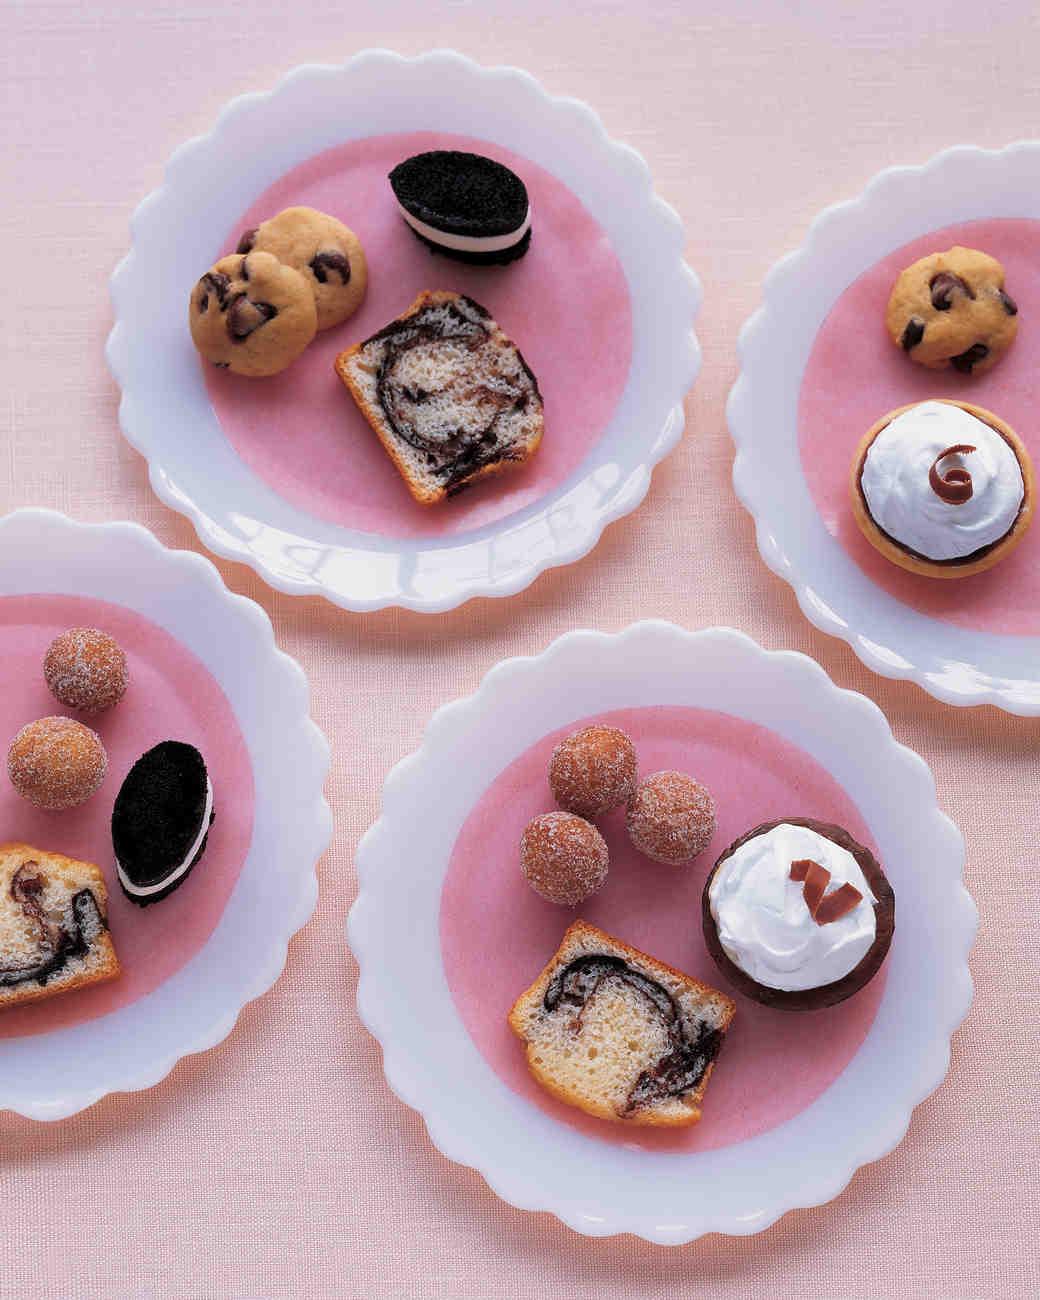 Cinnamon-Sugar Doughnut Holes